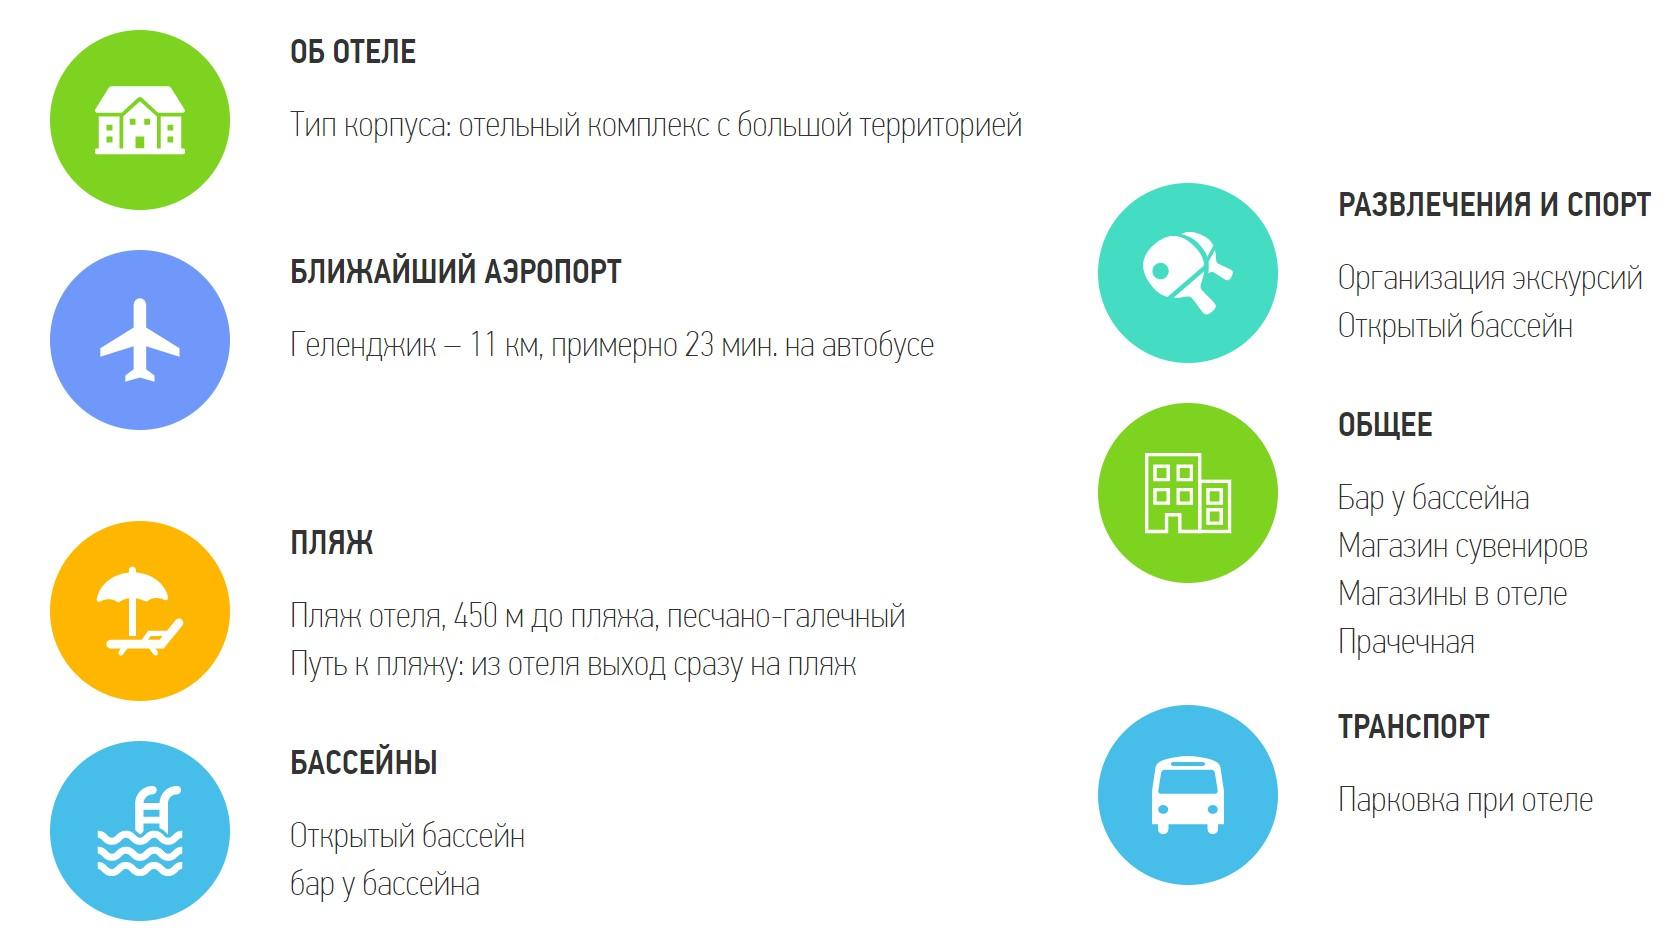 Услуги пансионата Кабардинка